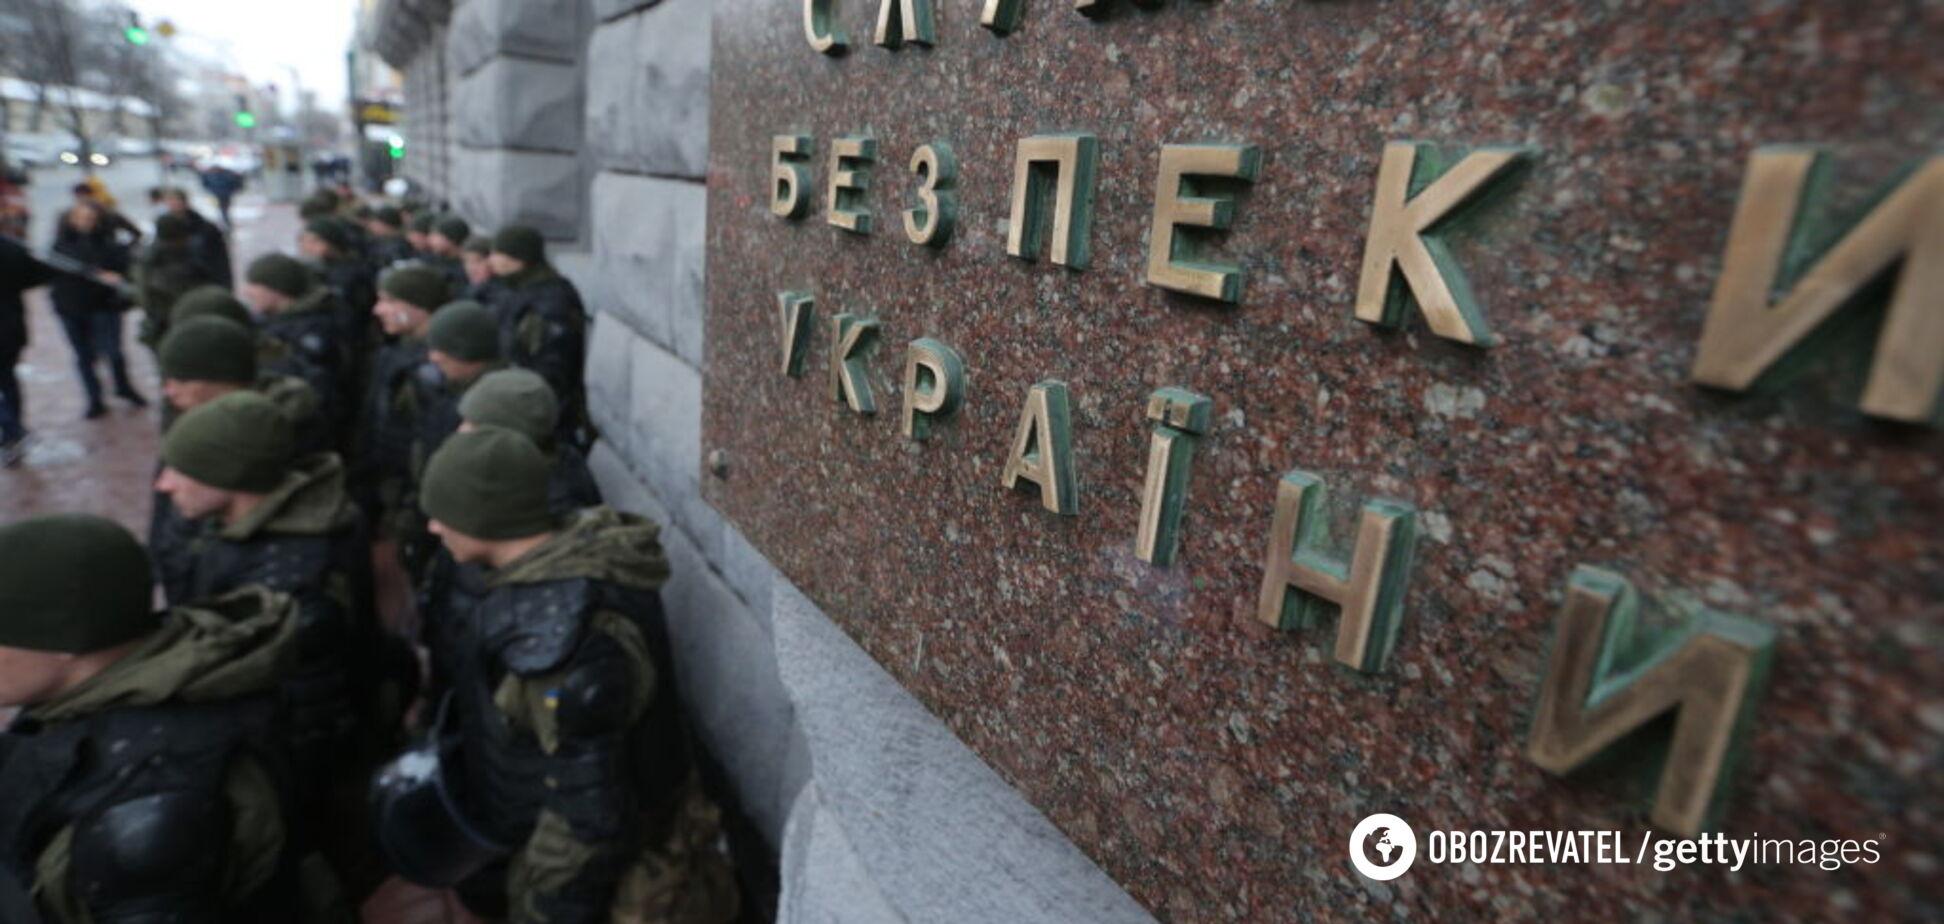 'Работал на спецслужбы России': СБУ выдвинула громкое обвинение бывшему топ-чиновнику